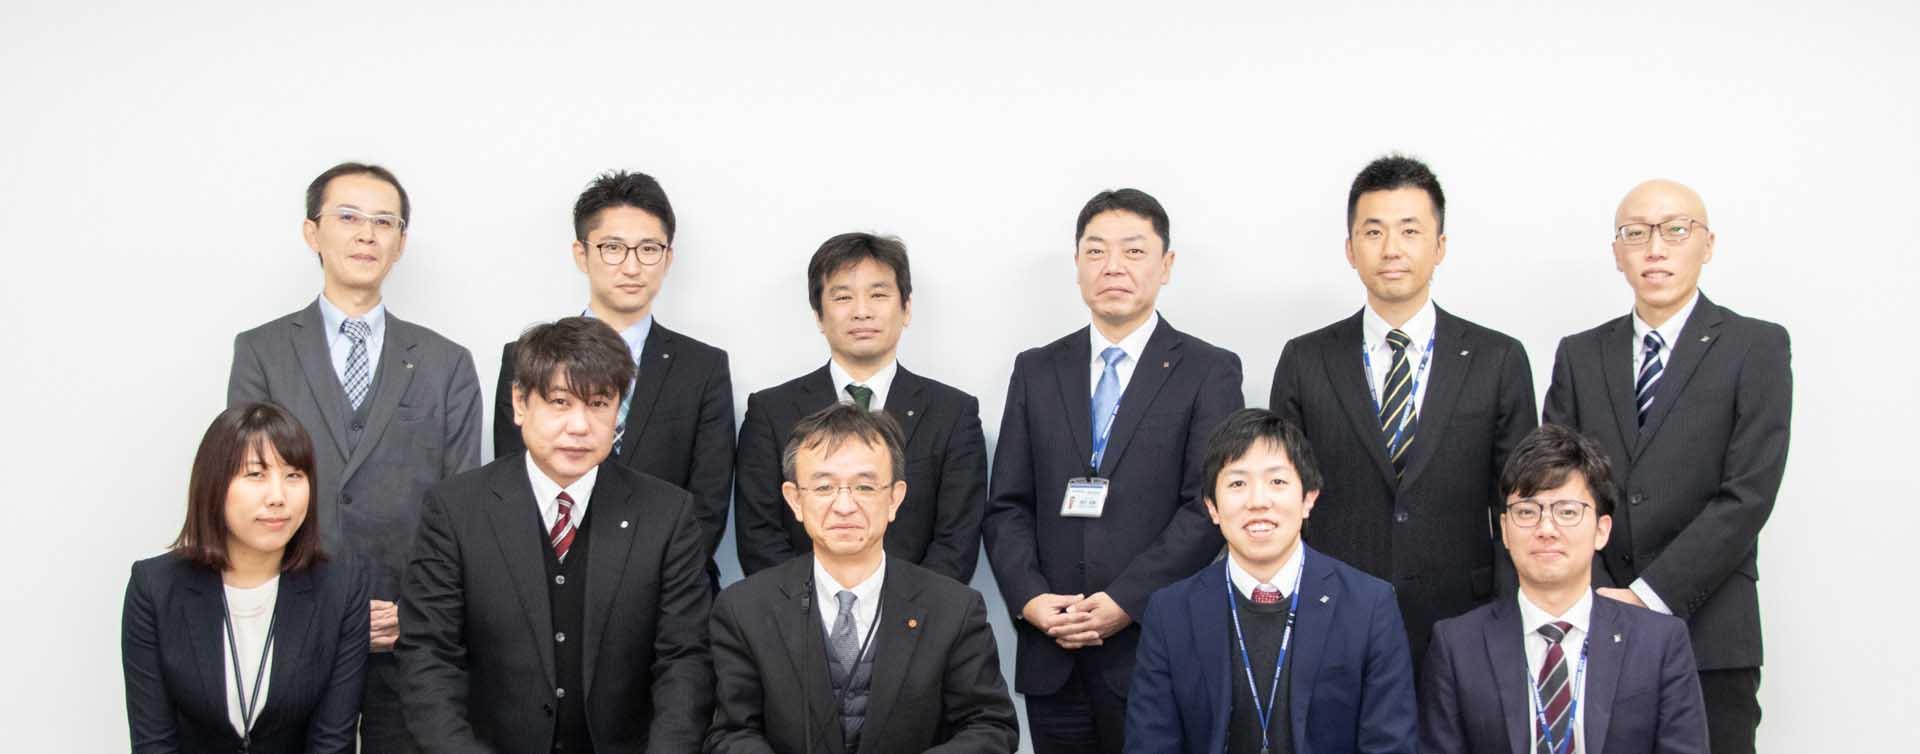 尼崎市「公開羅針盤+C 人事給与システム」導入事例インタビュー